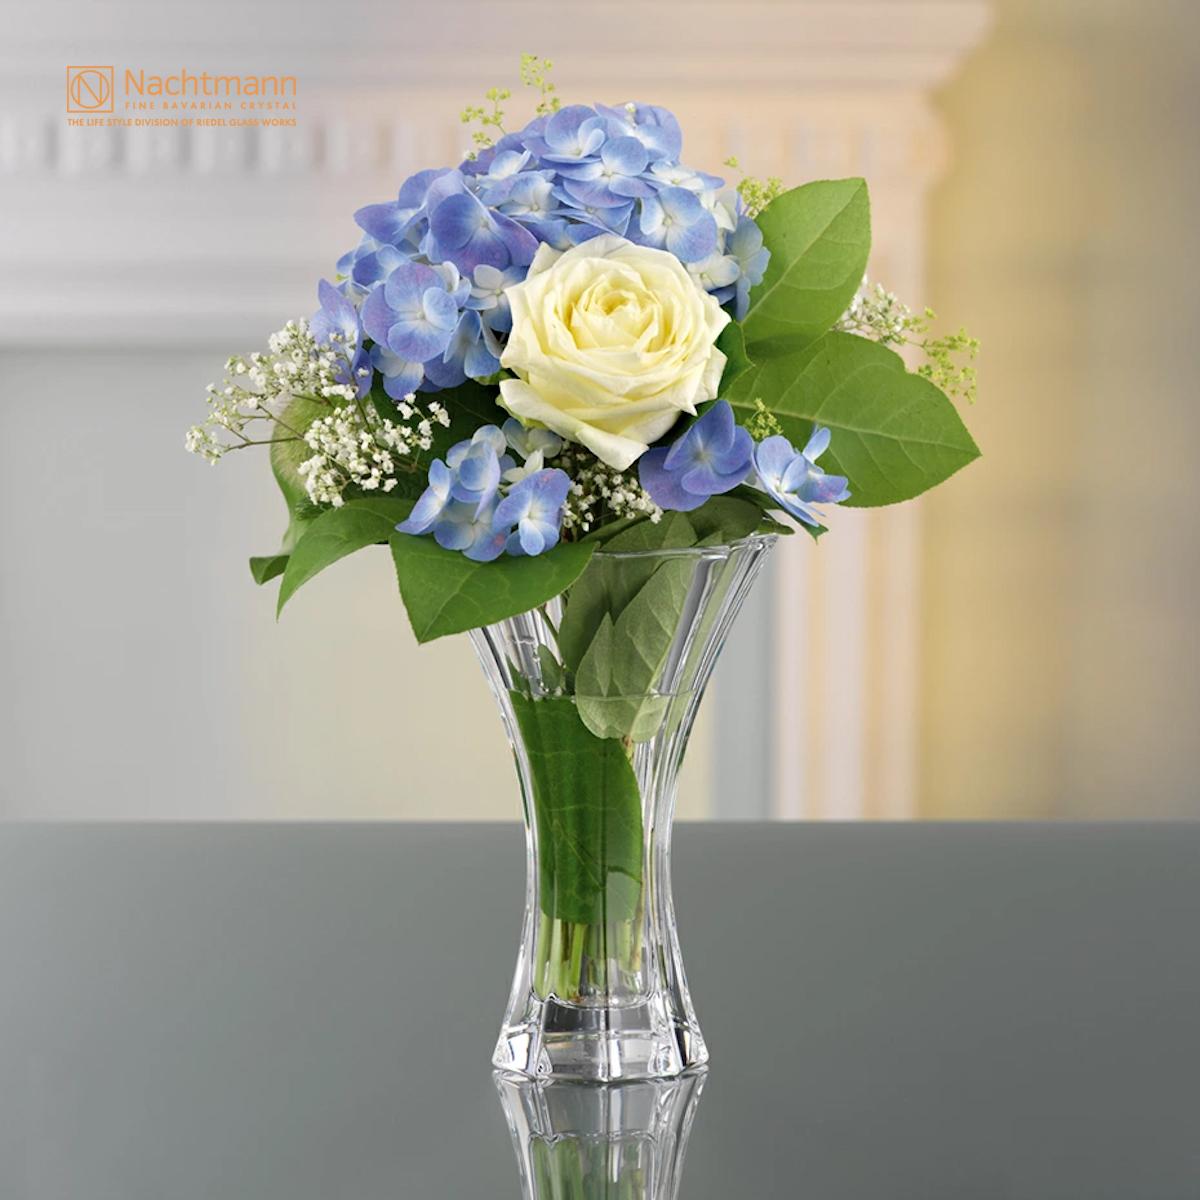 【ナハトマン公式】<サファイア> ベース 18cm(1個入)80719【ラッピング無料】Nachtmann 花器 花瓶:リーデル店